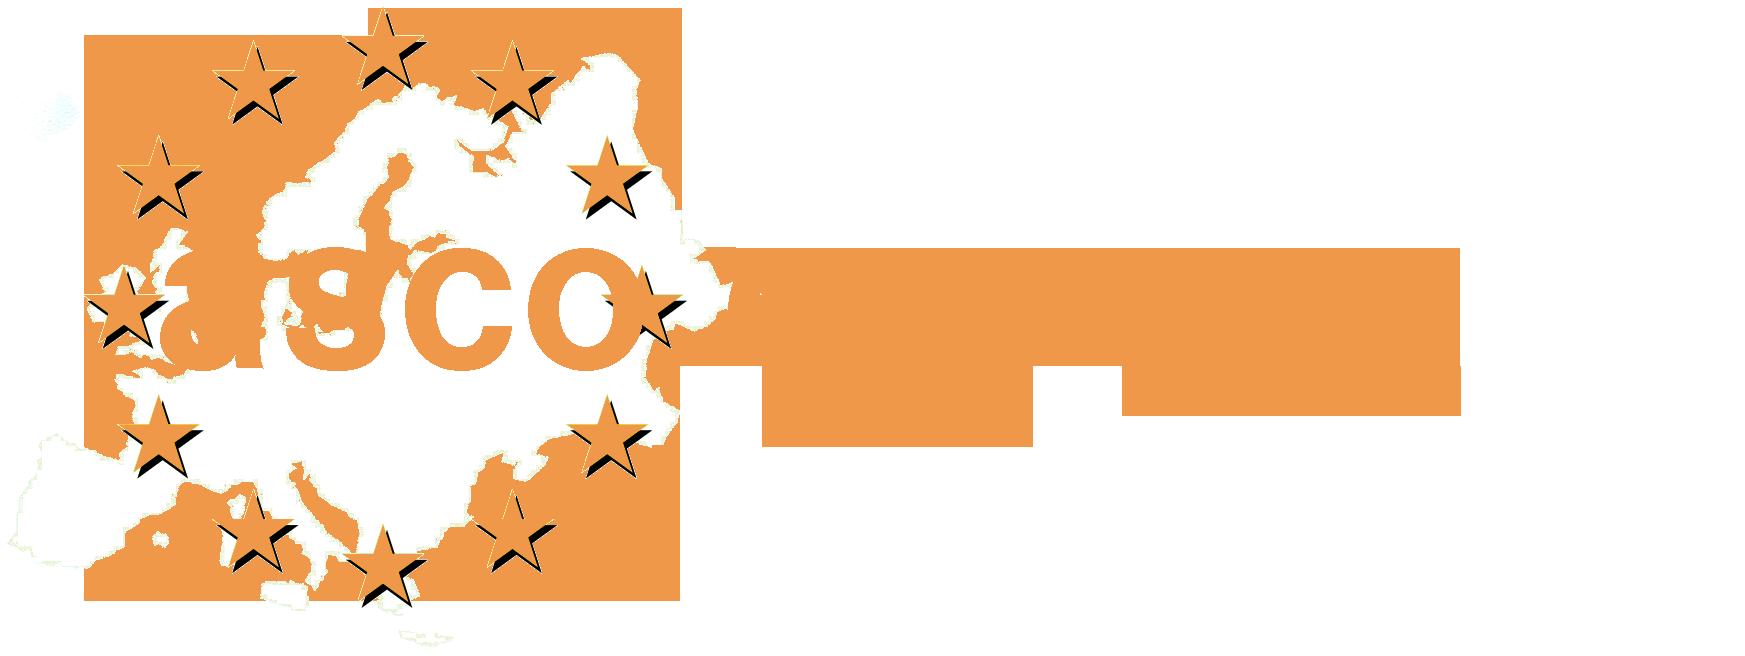 asco-europa